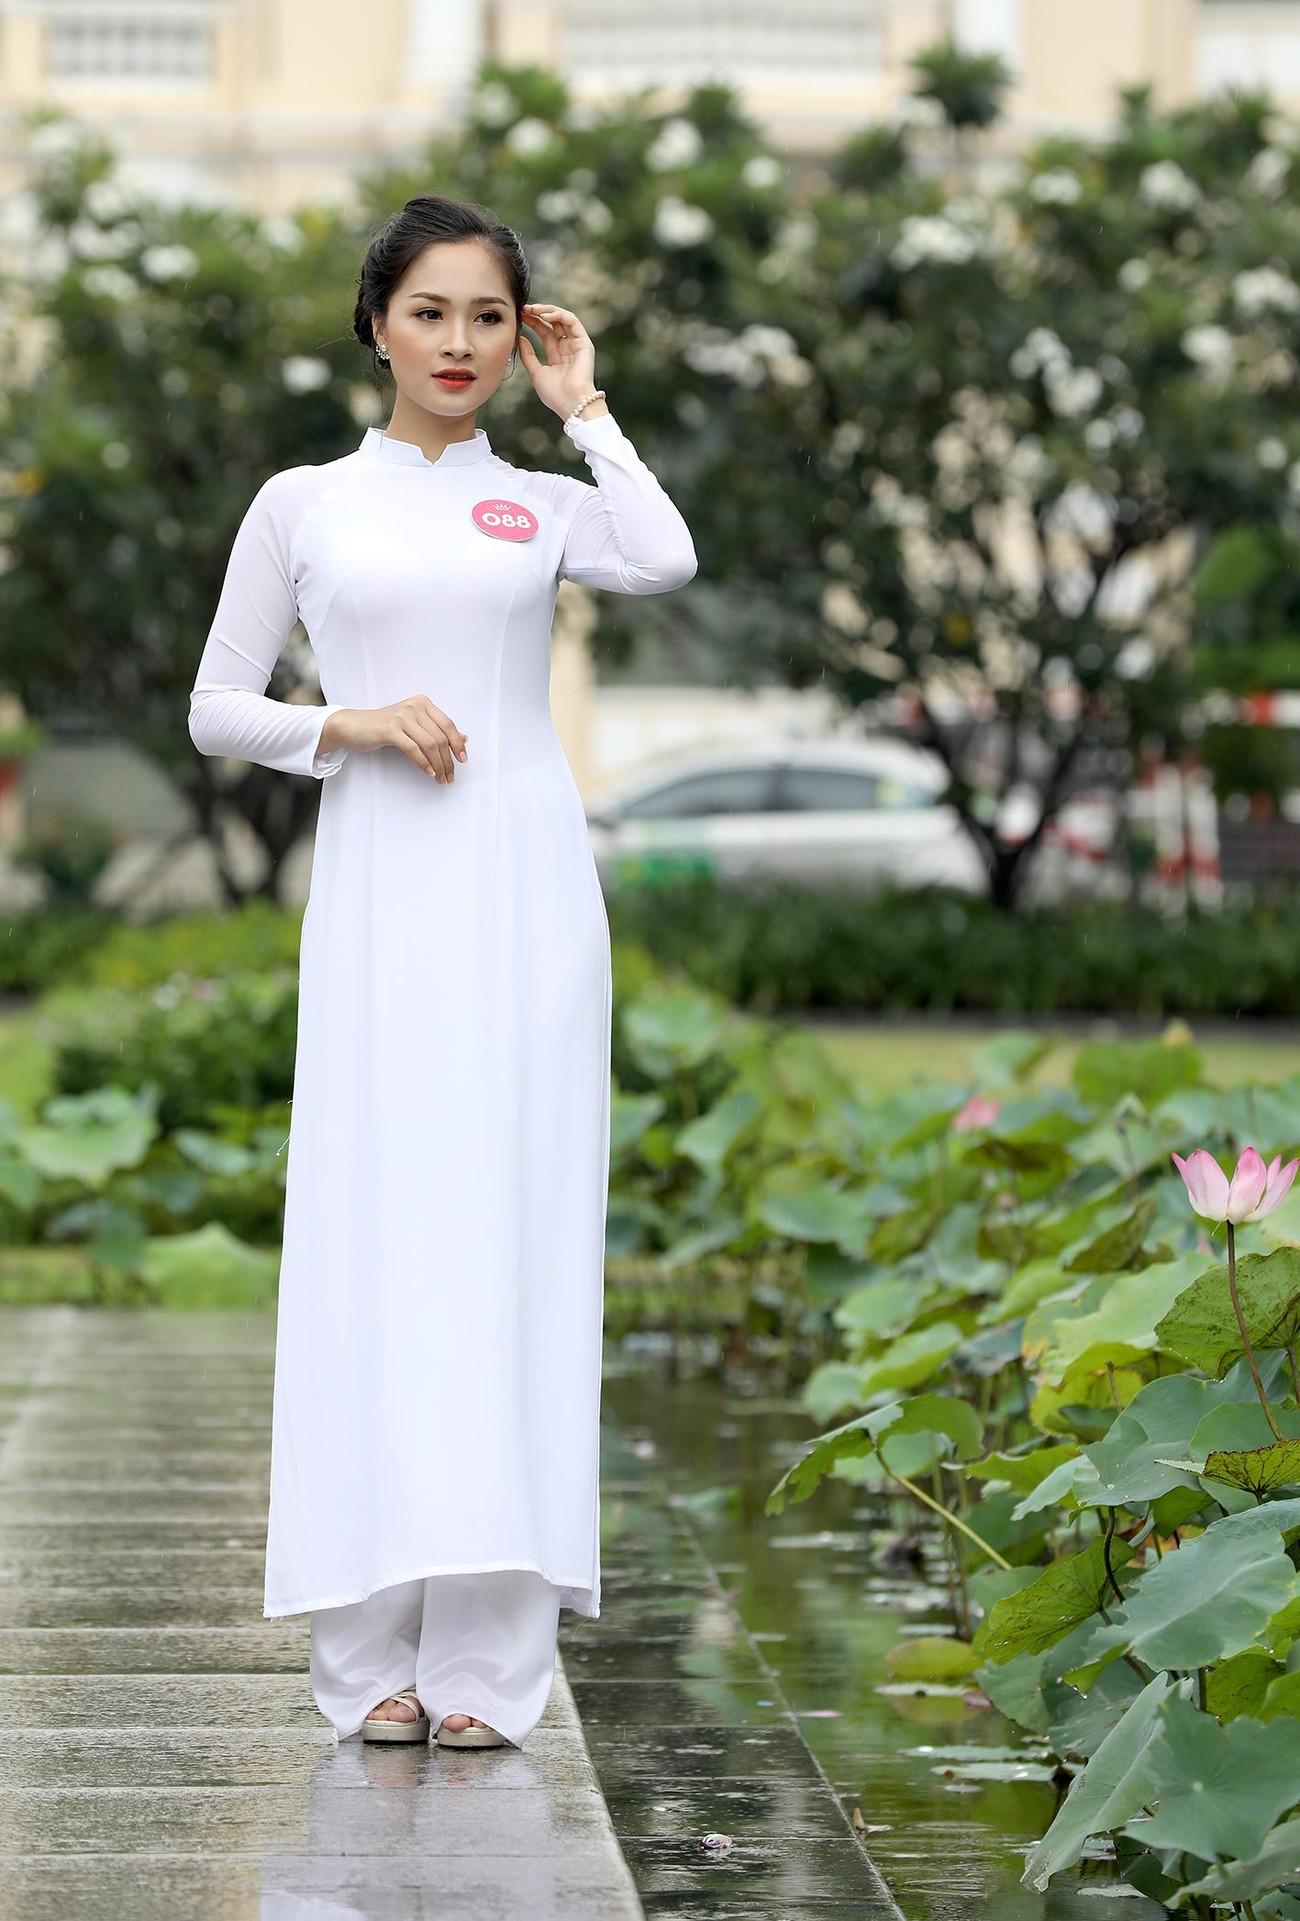 Thí sinh Hoa hậu khiến du khách ngẩn ngơ trên phố đi bộ ảnh 7